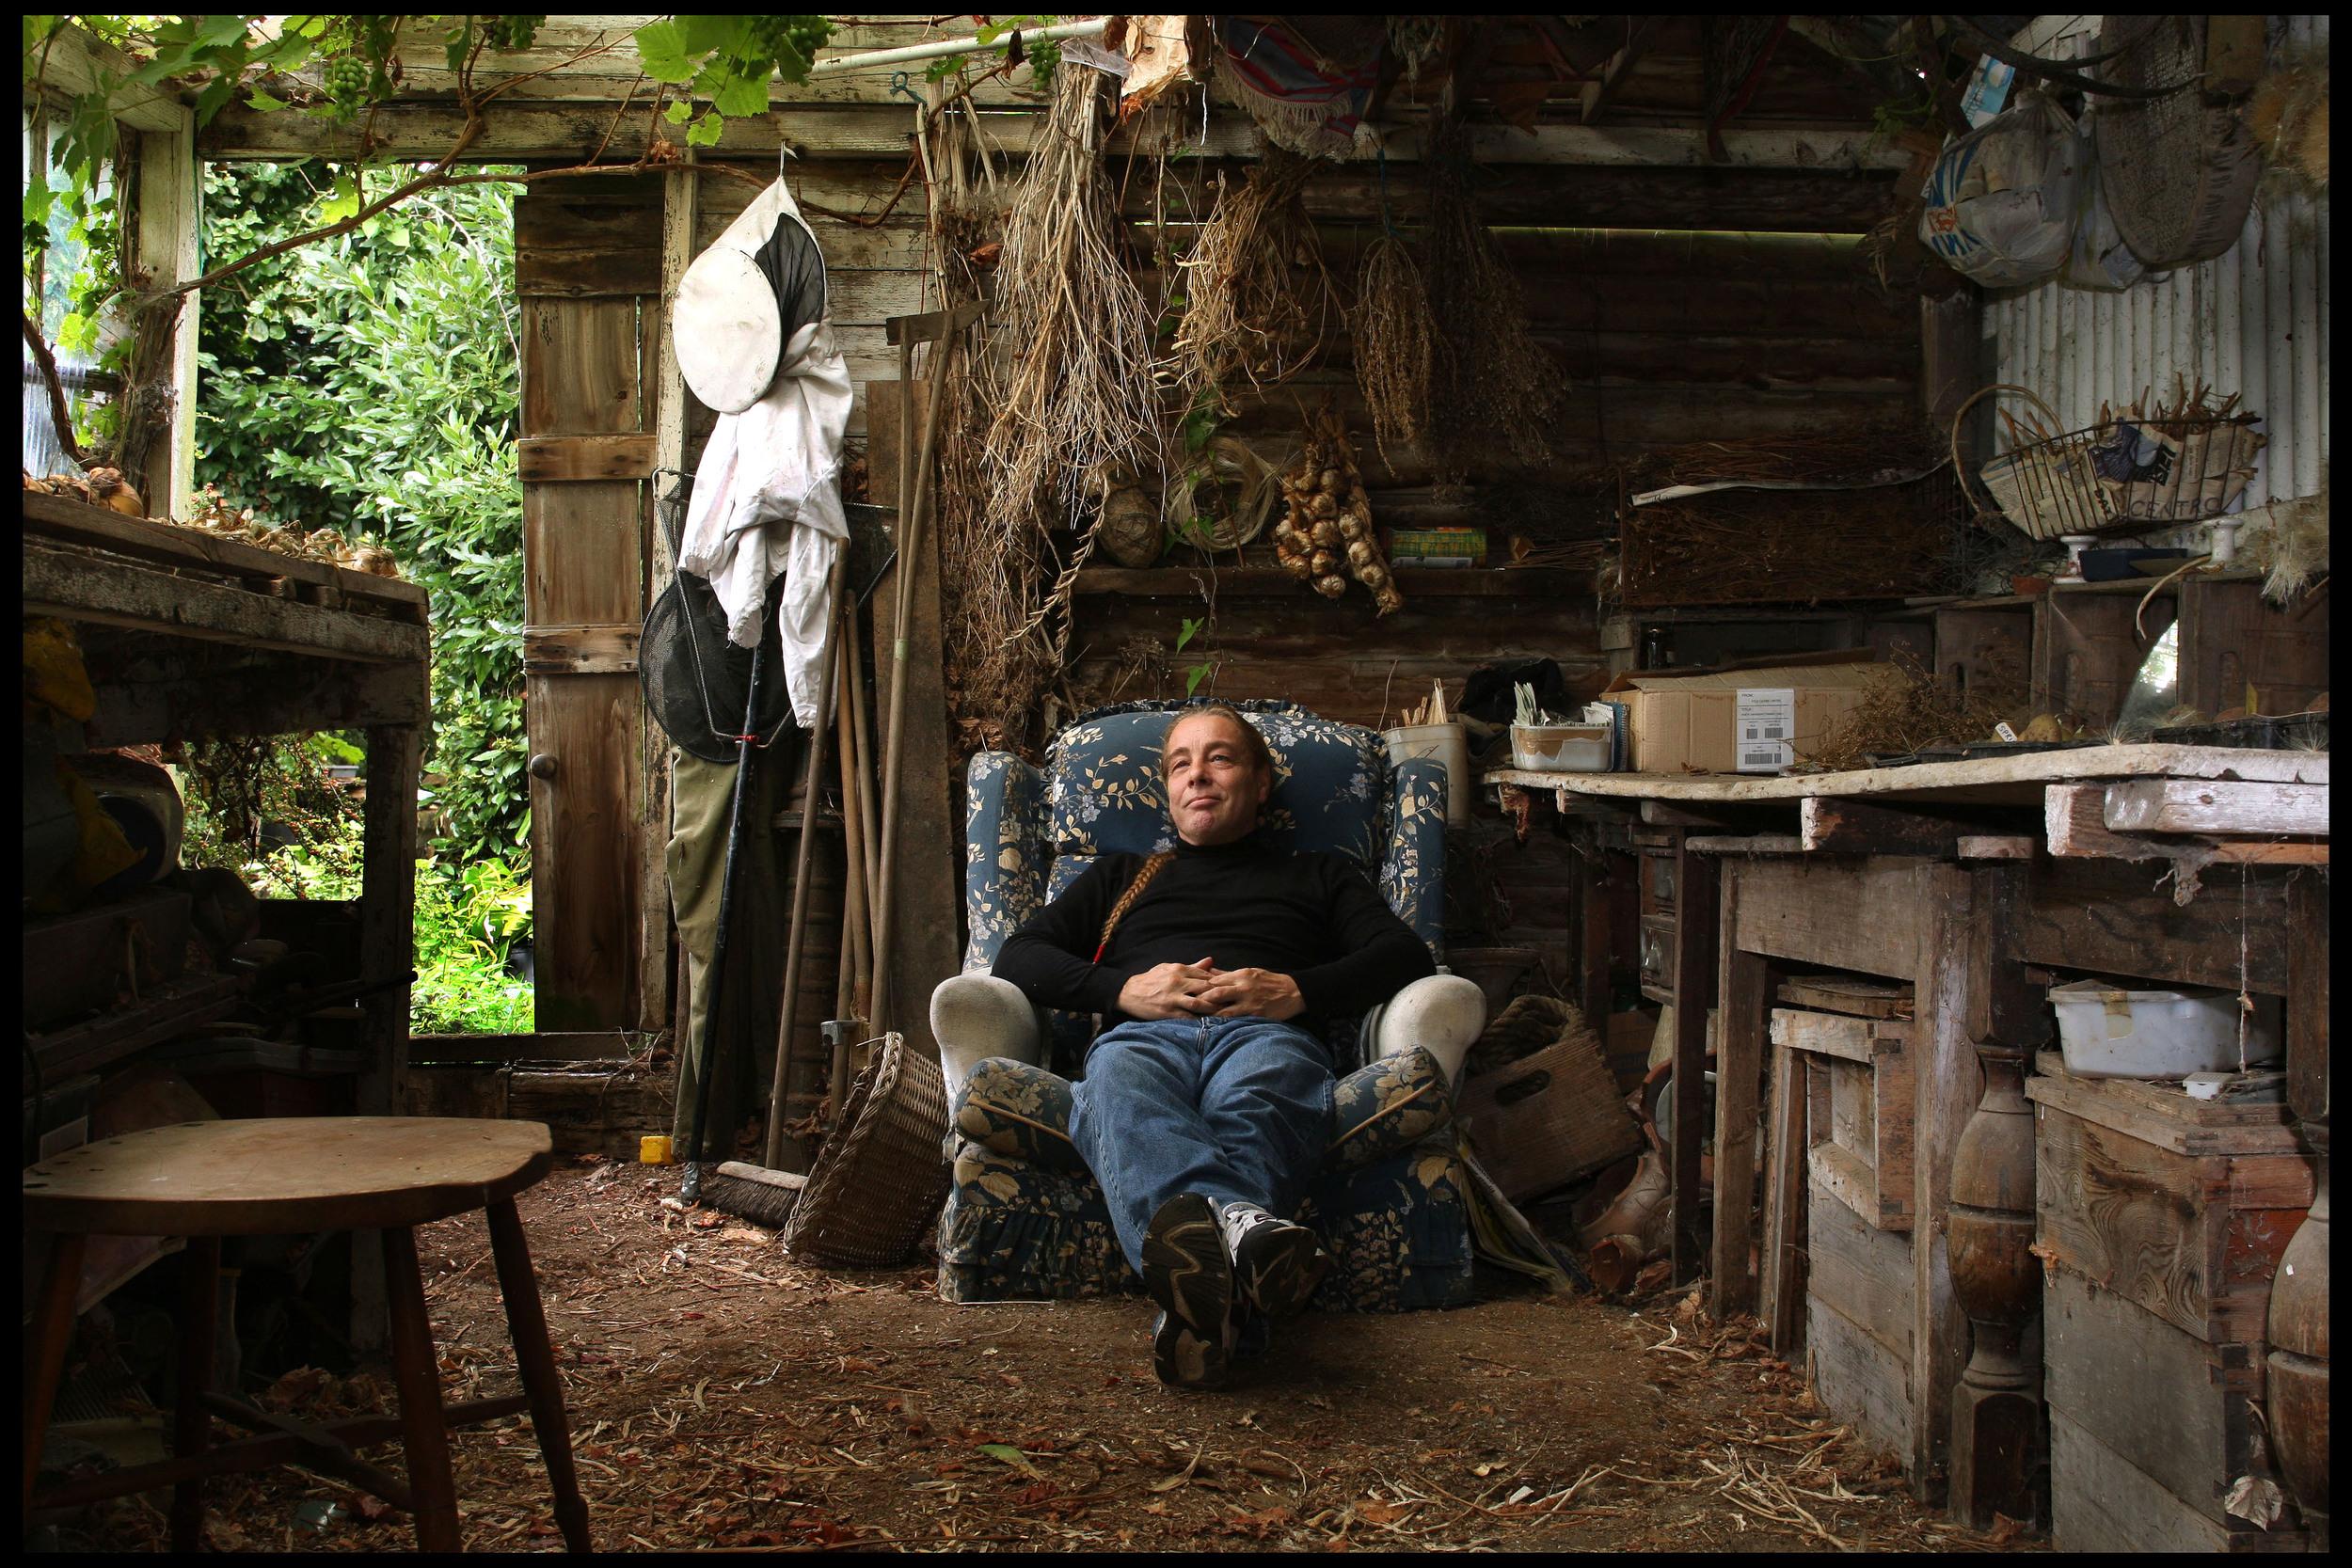 Bob Flowerdew, garden expert